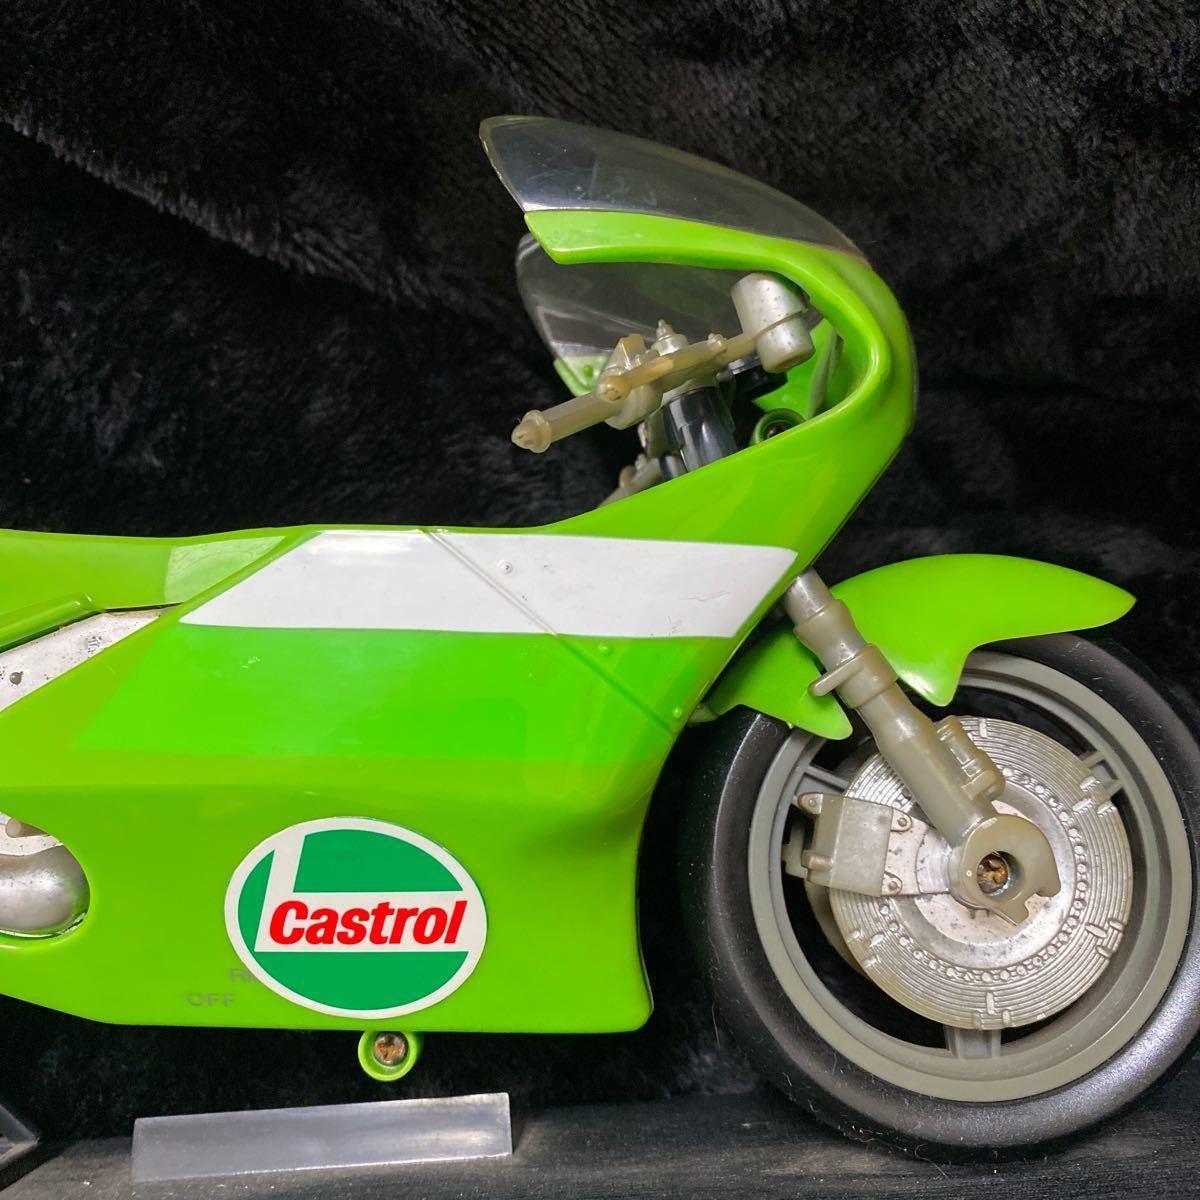 【現状渡し】Kawasaki YE-500 バイク型固定電話 ユピテル工業株式会社 レトロ コレクション品 カワサキ バイク アンティーク 電話機電話器_画像7